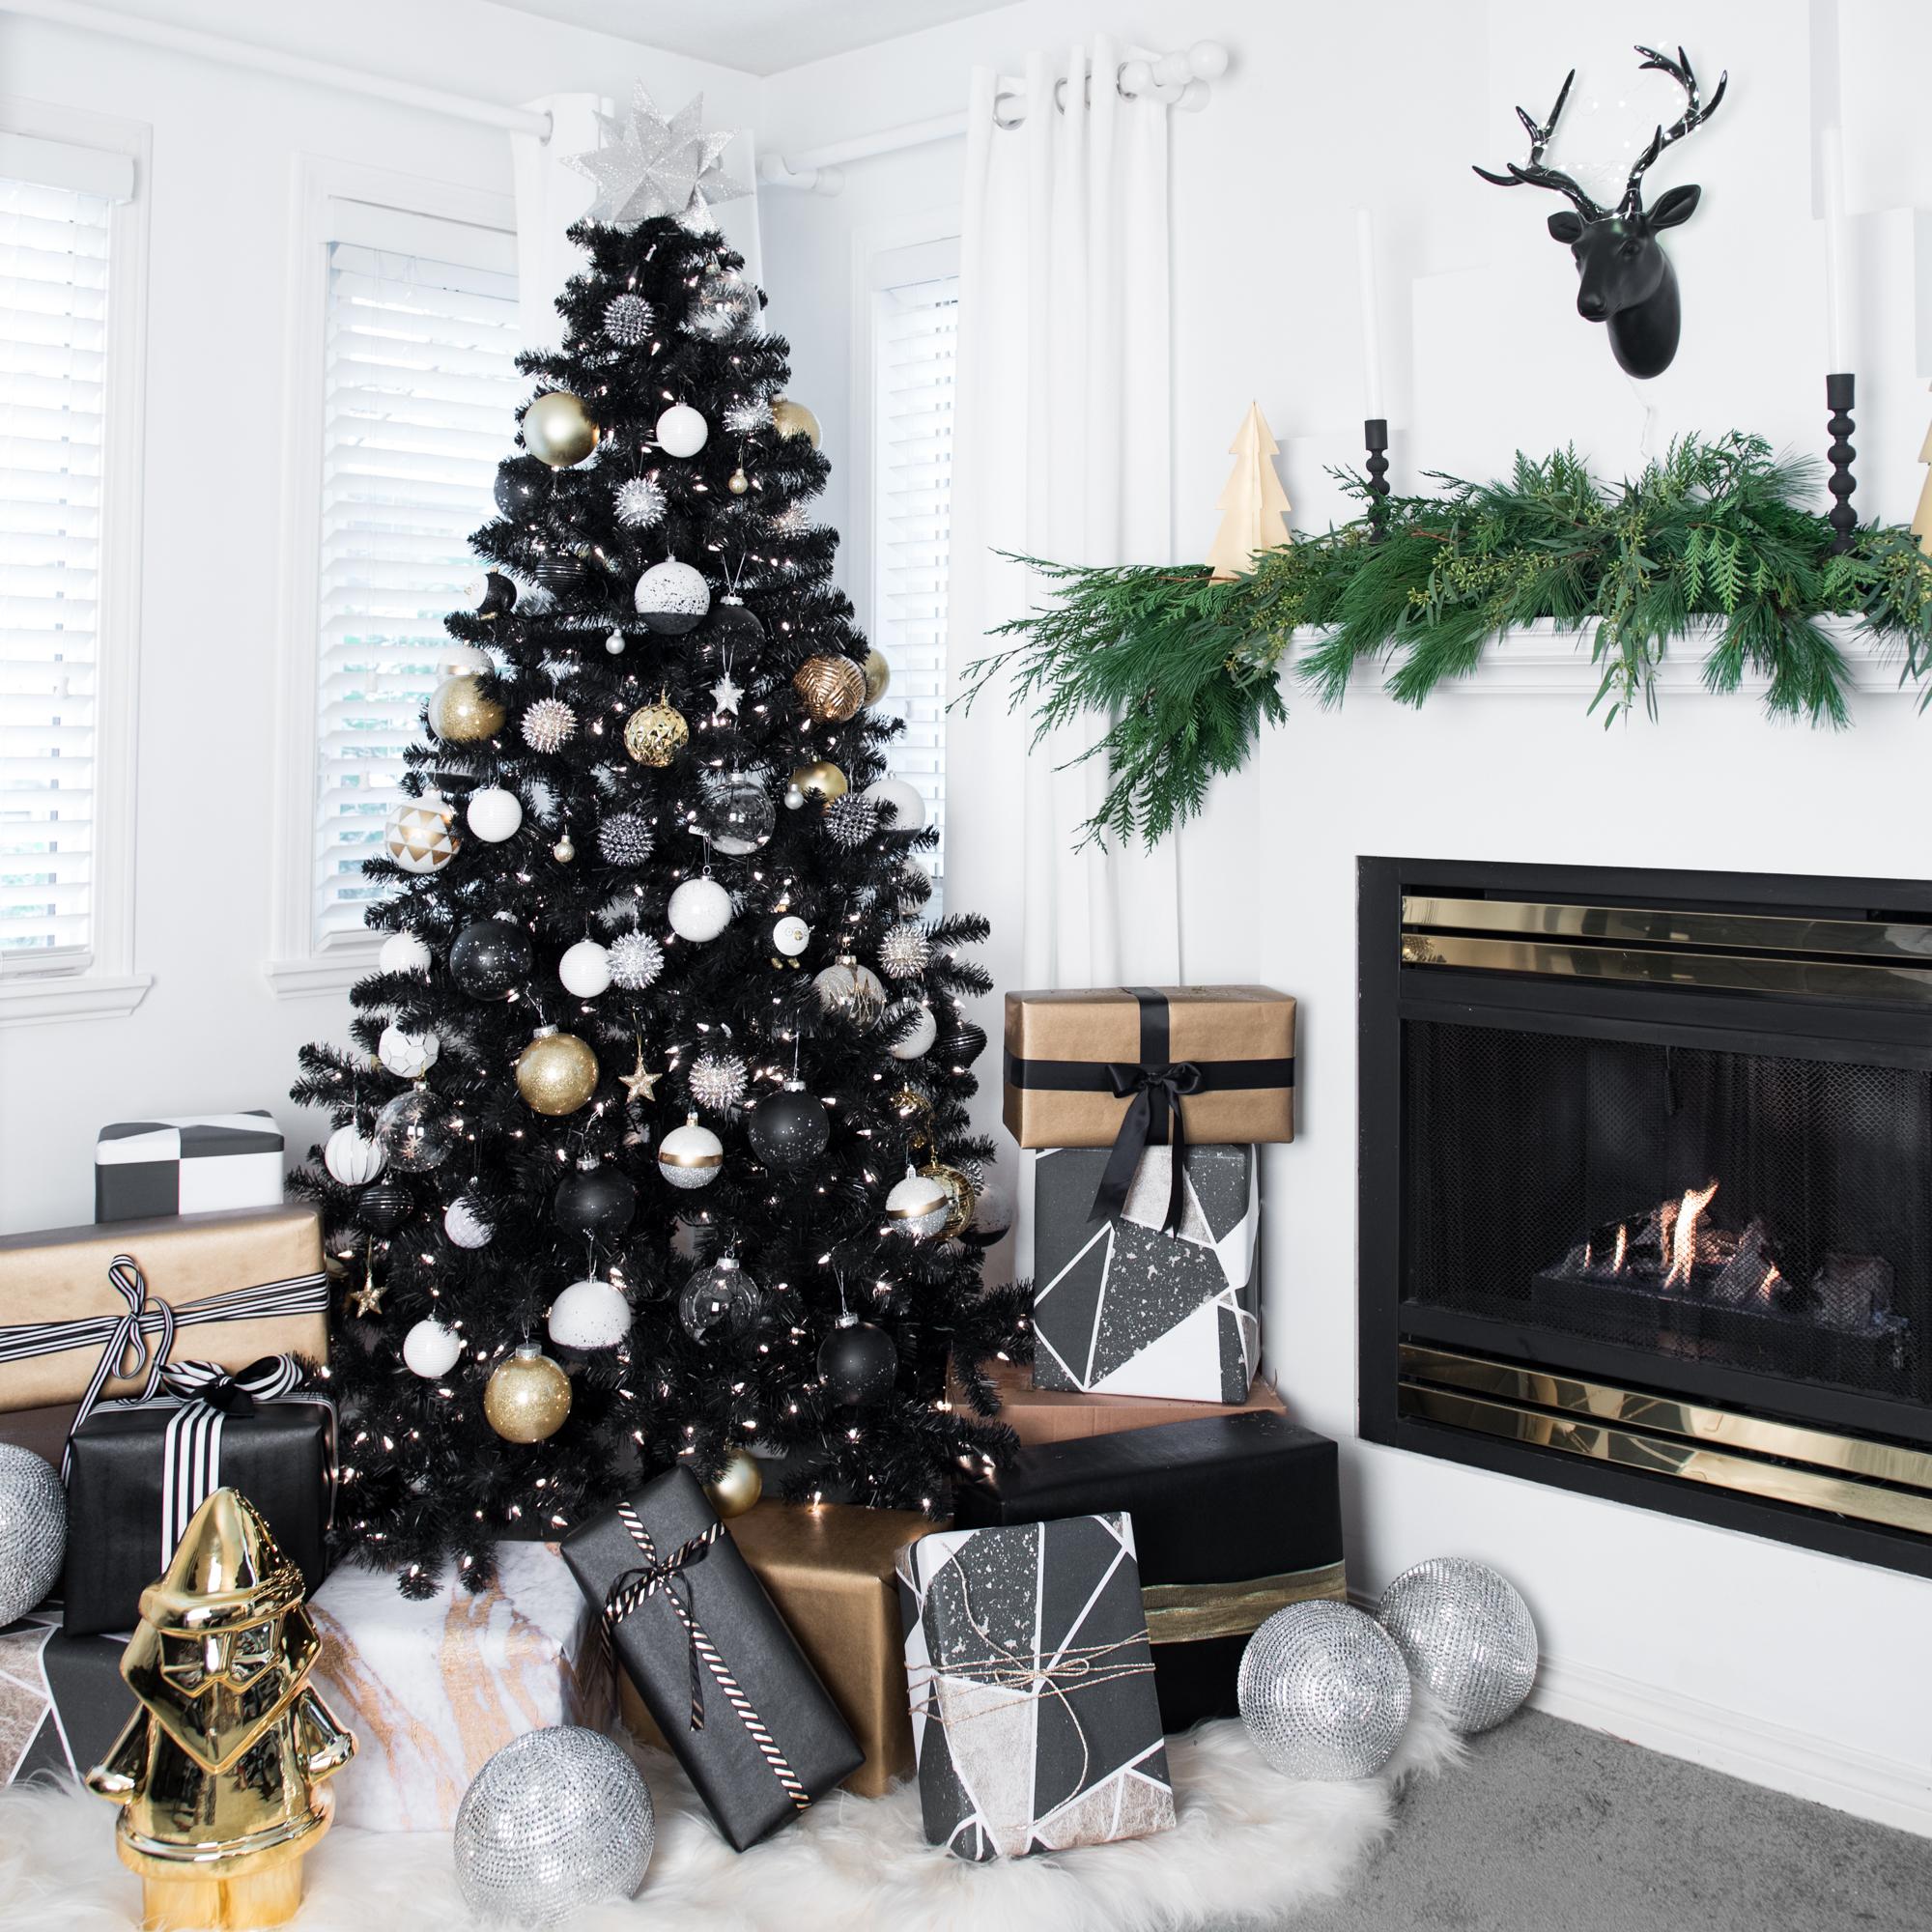 Albero Di Natale Nero.20 Decorazioni Per Un Albero Di Natale Nero Pronti Ad Osare